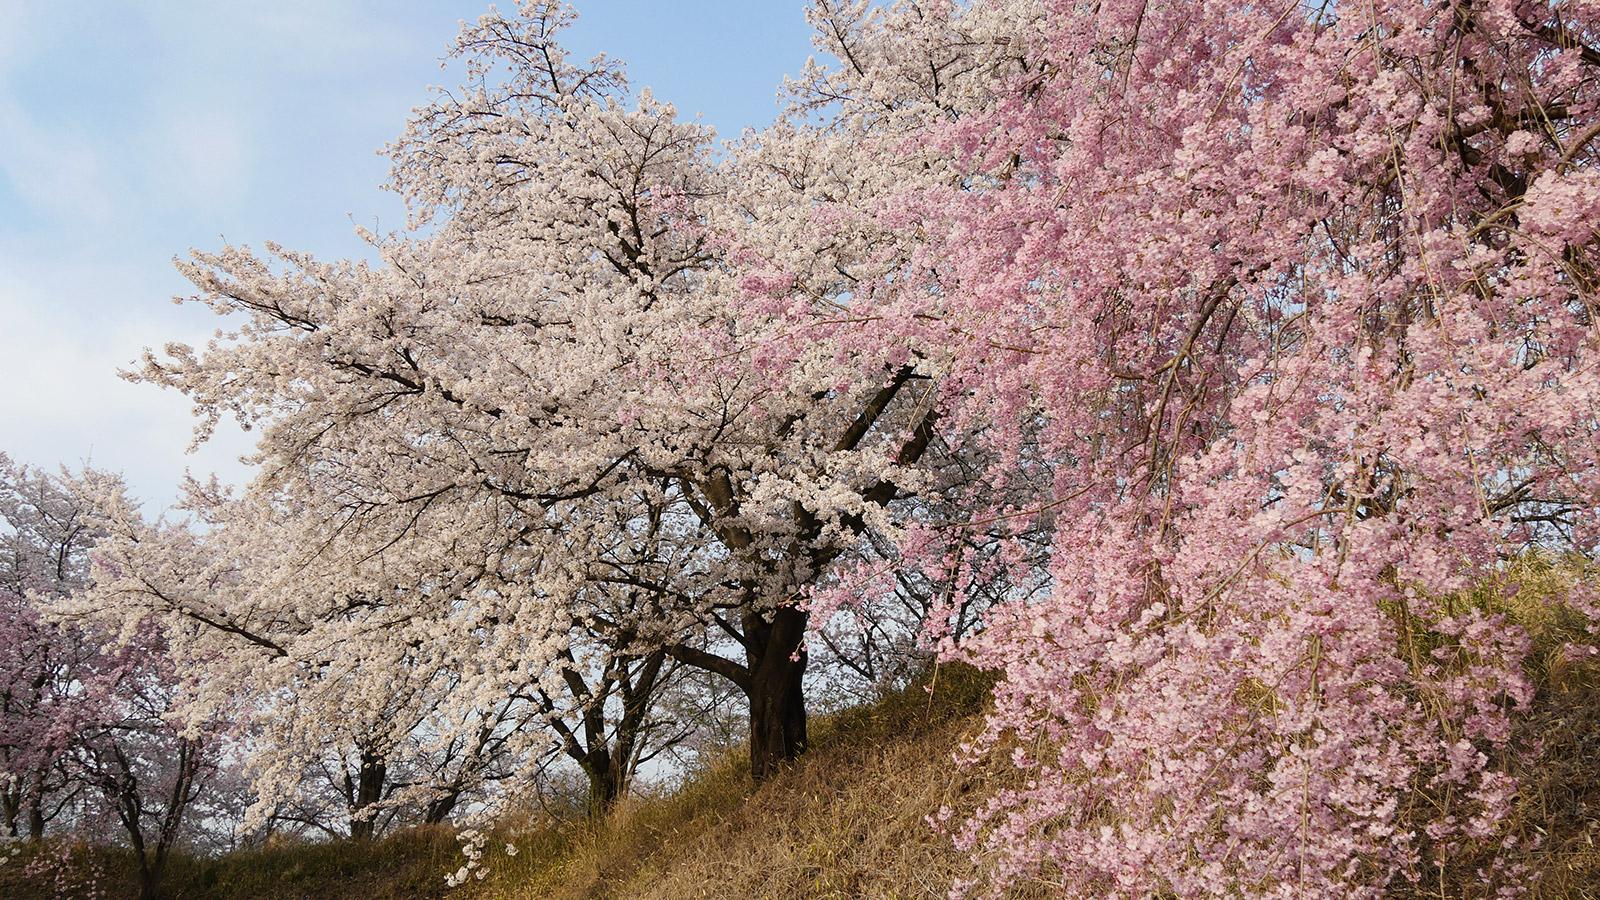 枝垂れ桜とのグラデーションが綺麗でした